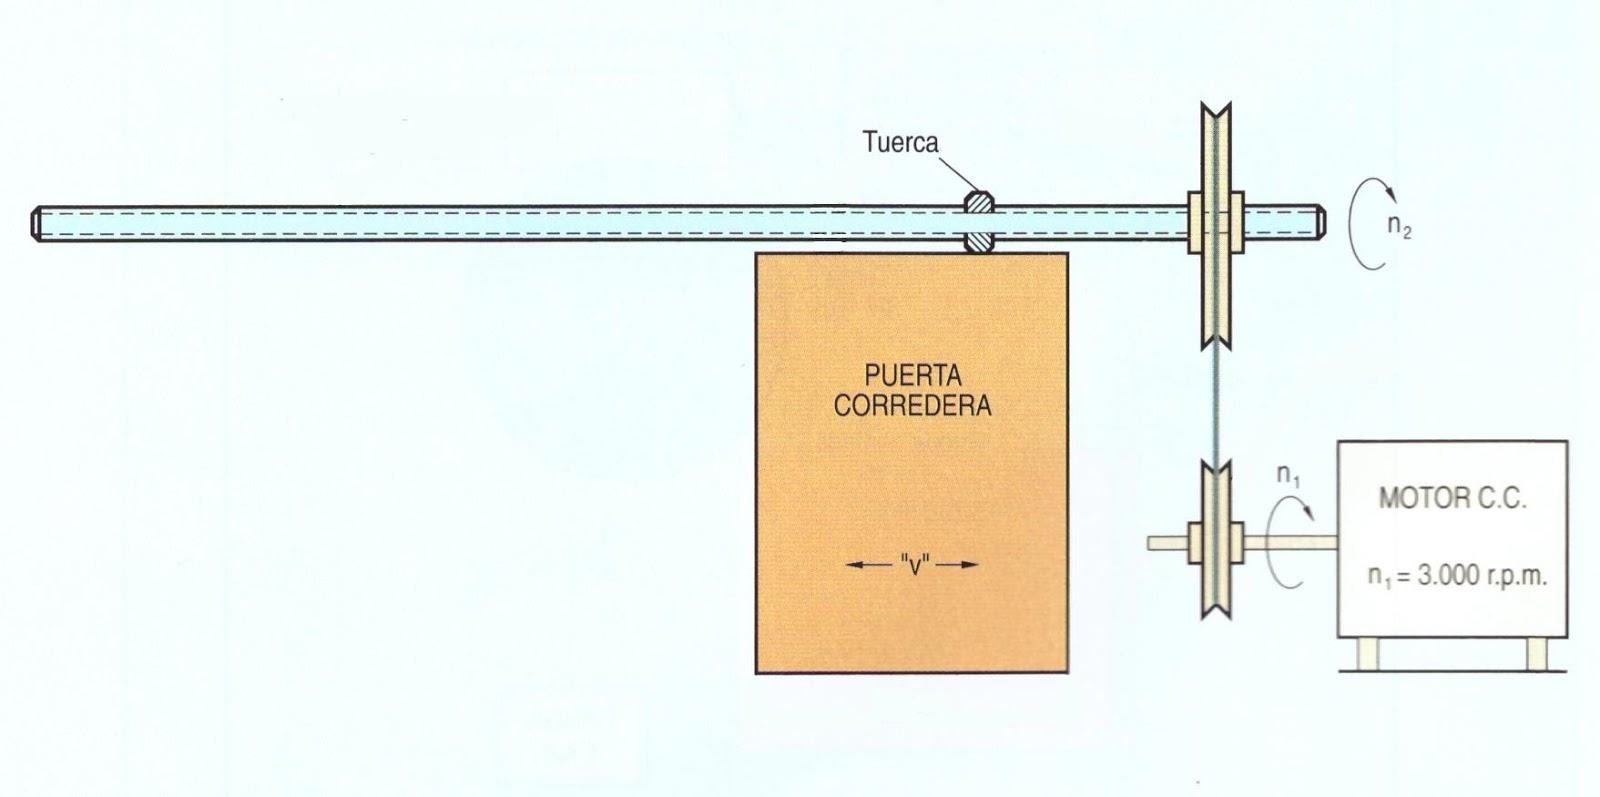 Proyectos de tecnolog a puerta corredera - Convertir puerta en corredera ...